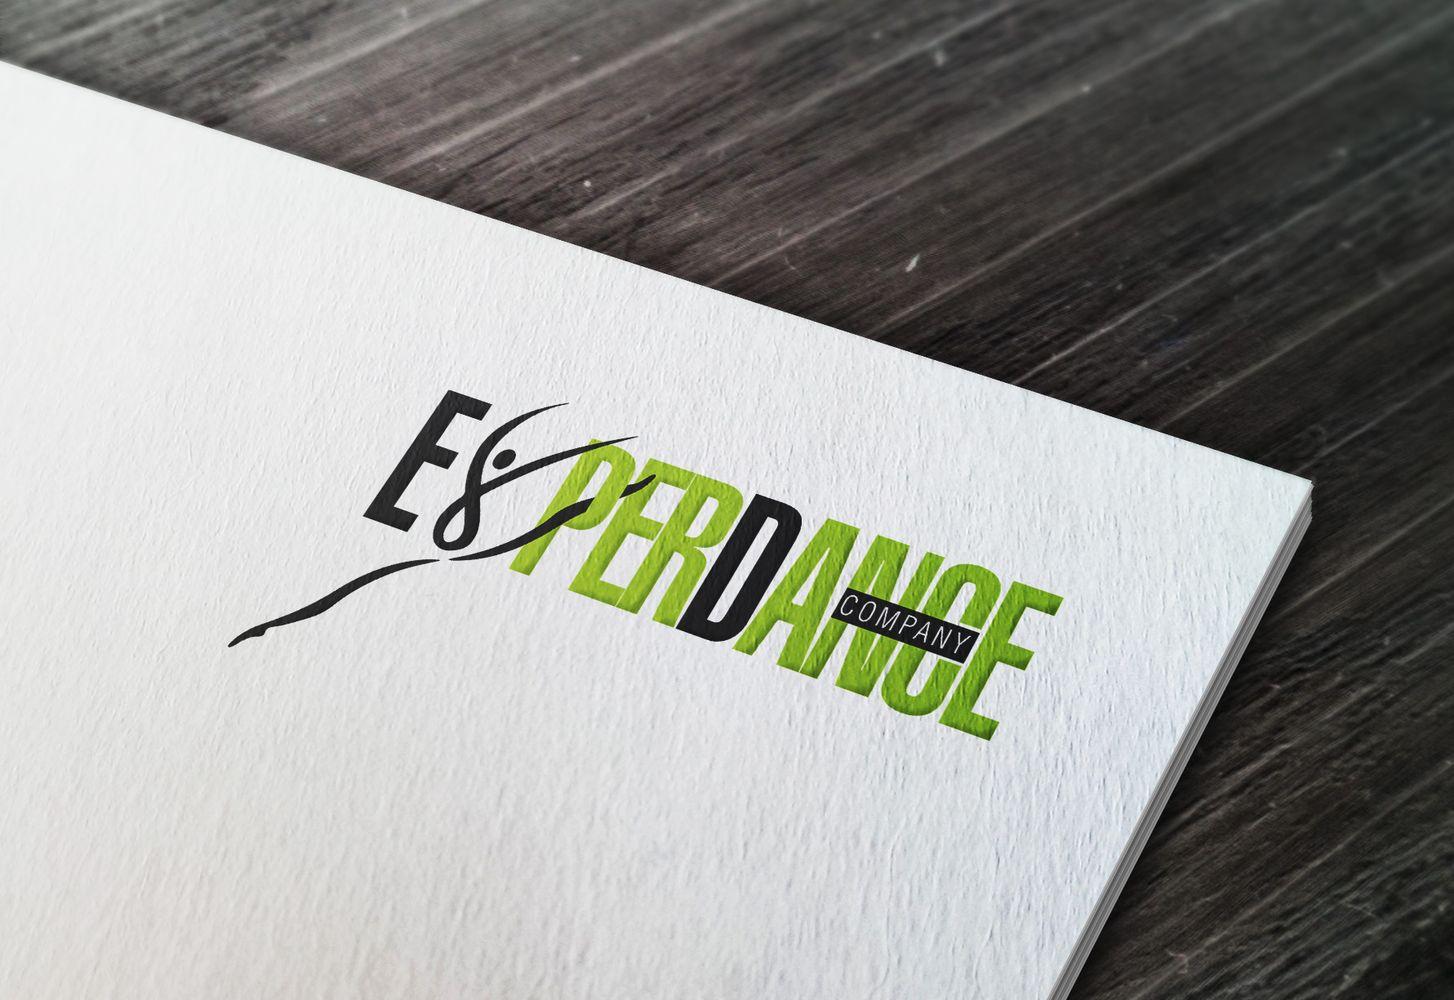 BSide_LogoCompany_Oltredanza